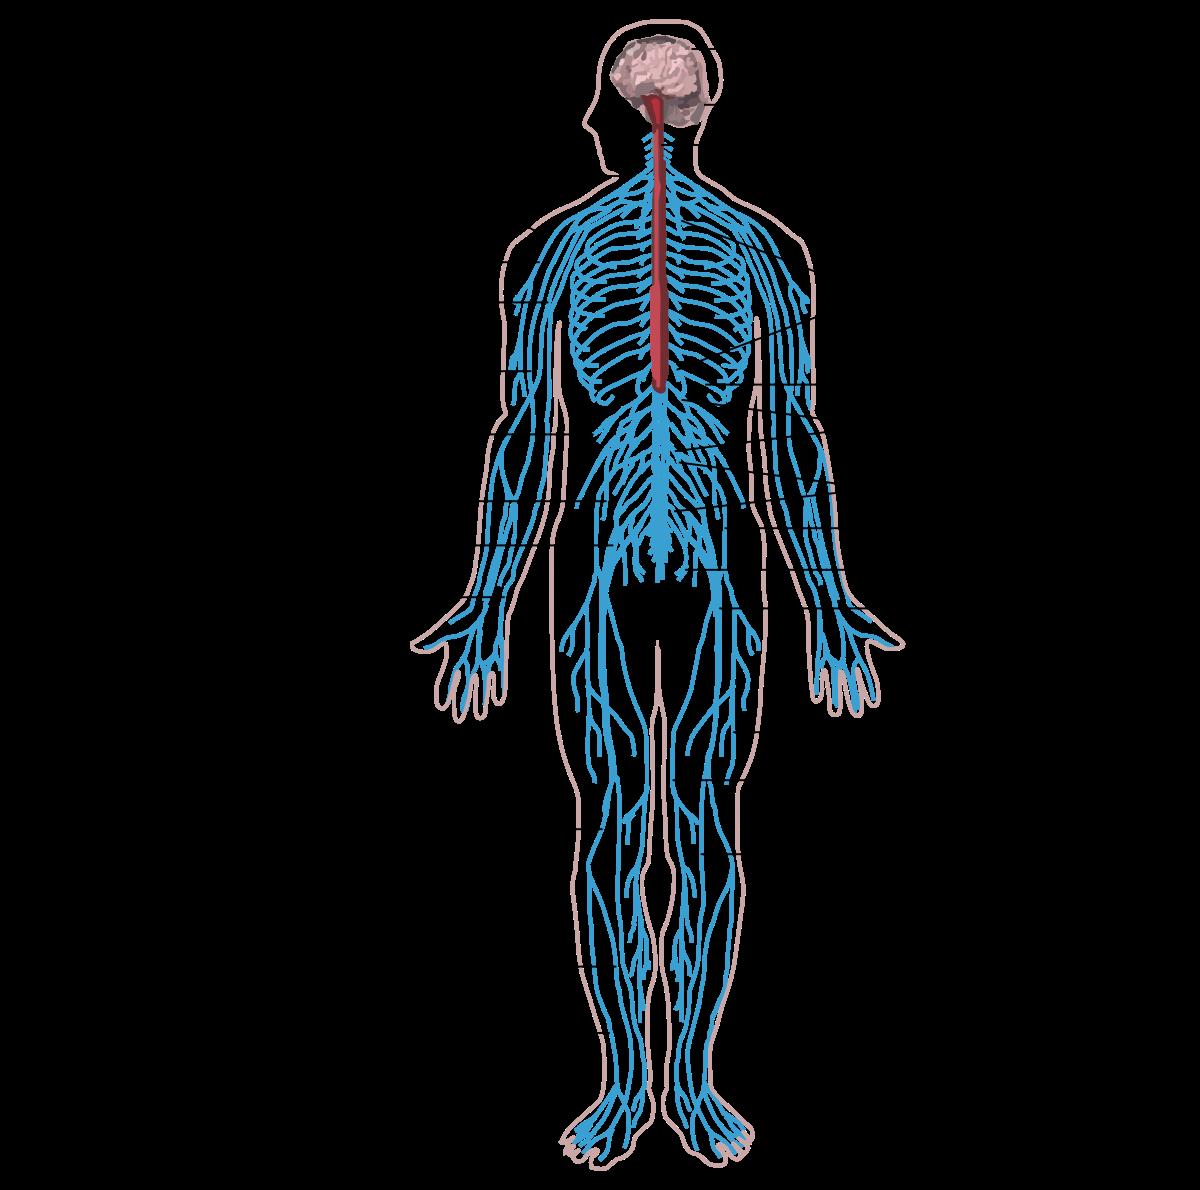 paraziták az emberi testben a küzdelem módszereiben hogyan érzi a leheletét